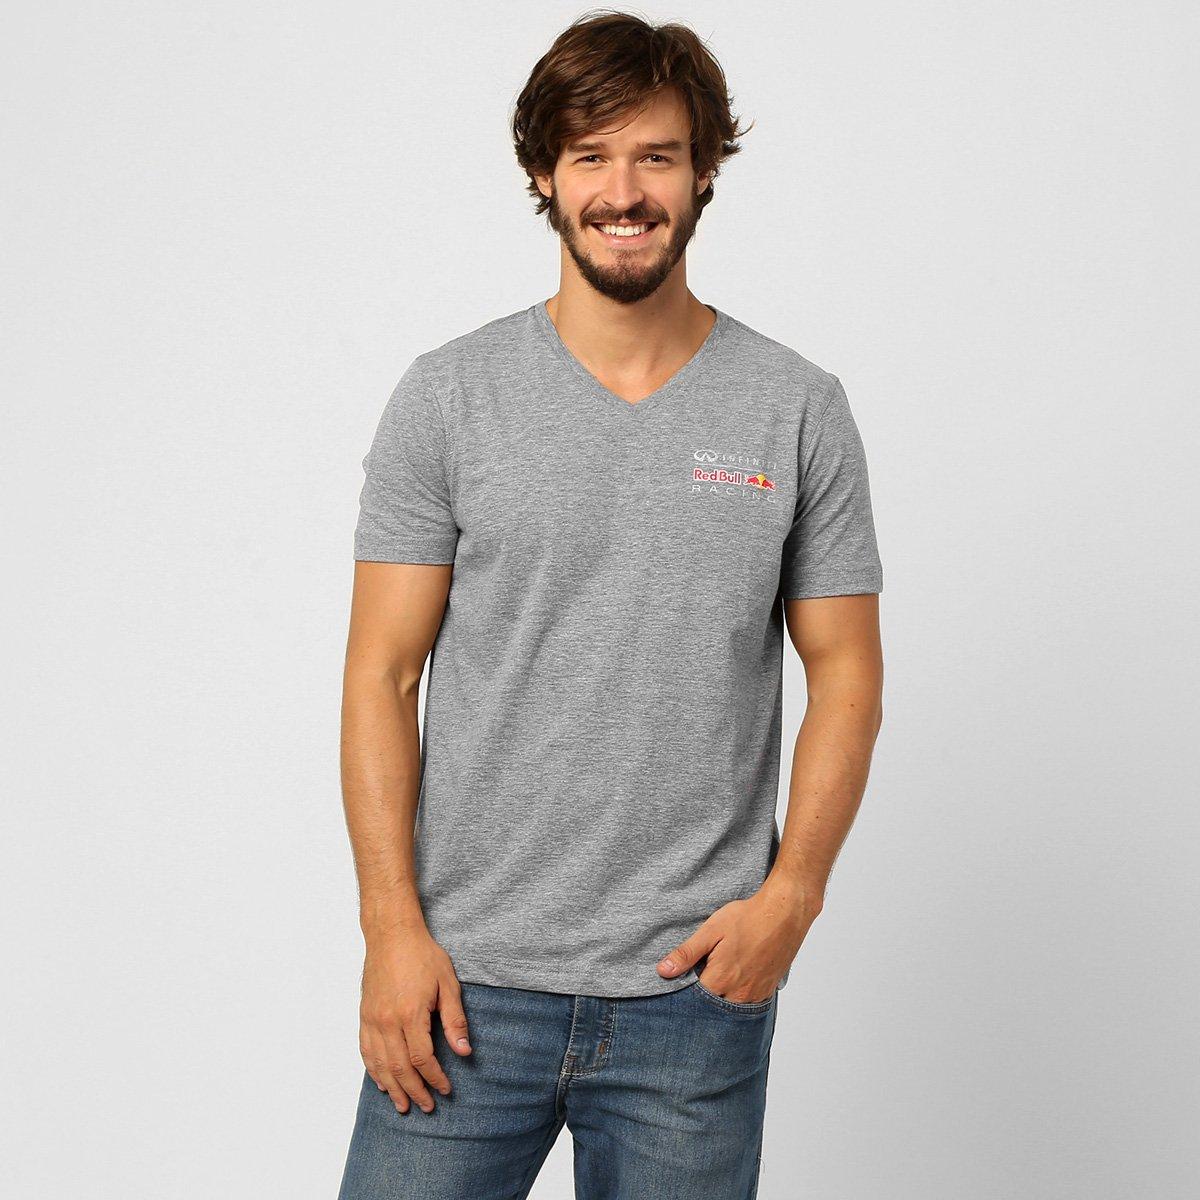 86e58a220fc82 Camiseta Red Bull - Compre Agora